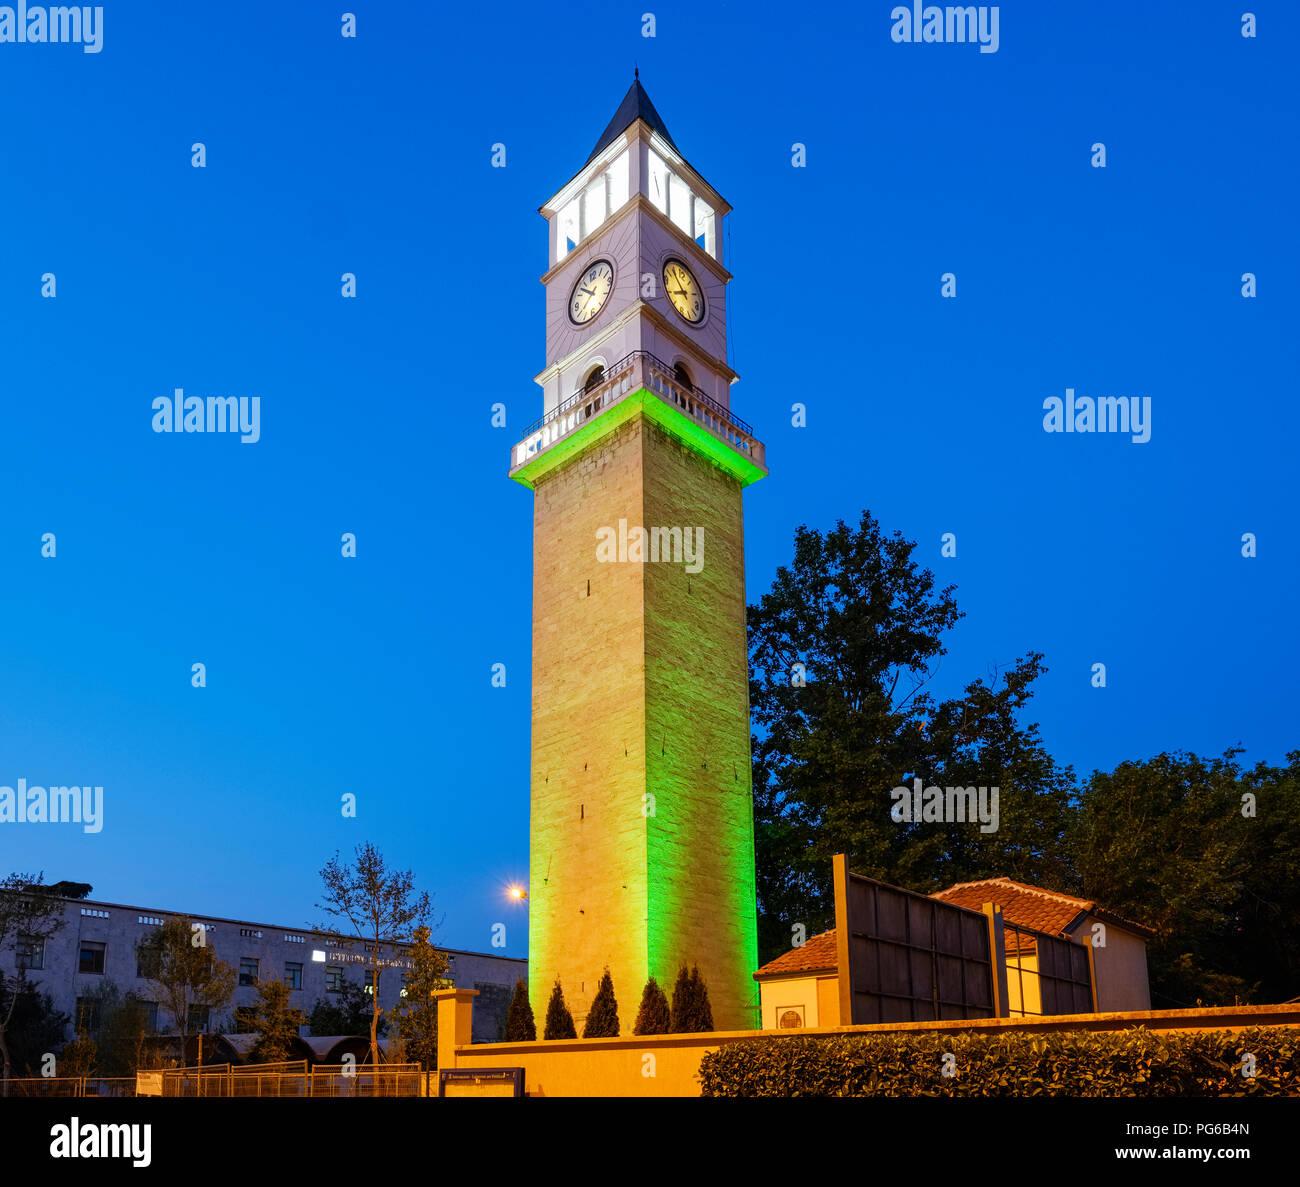 Albania, Tirana, Clocktower of Tirana at blue hour Stock Photo